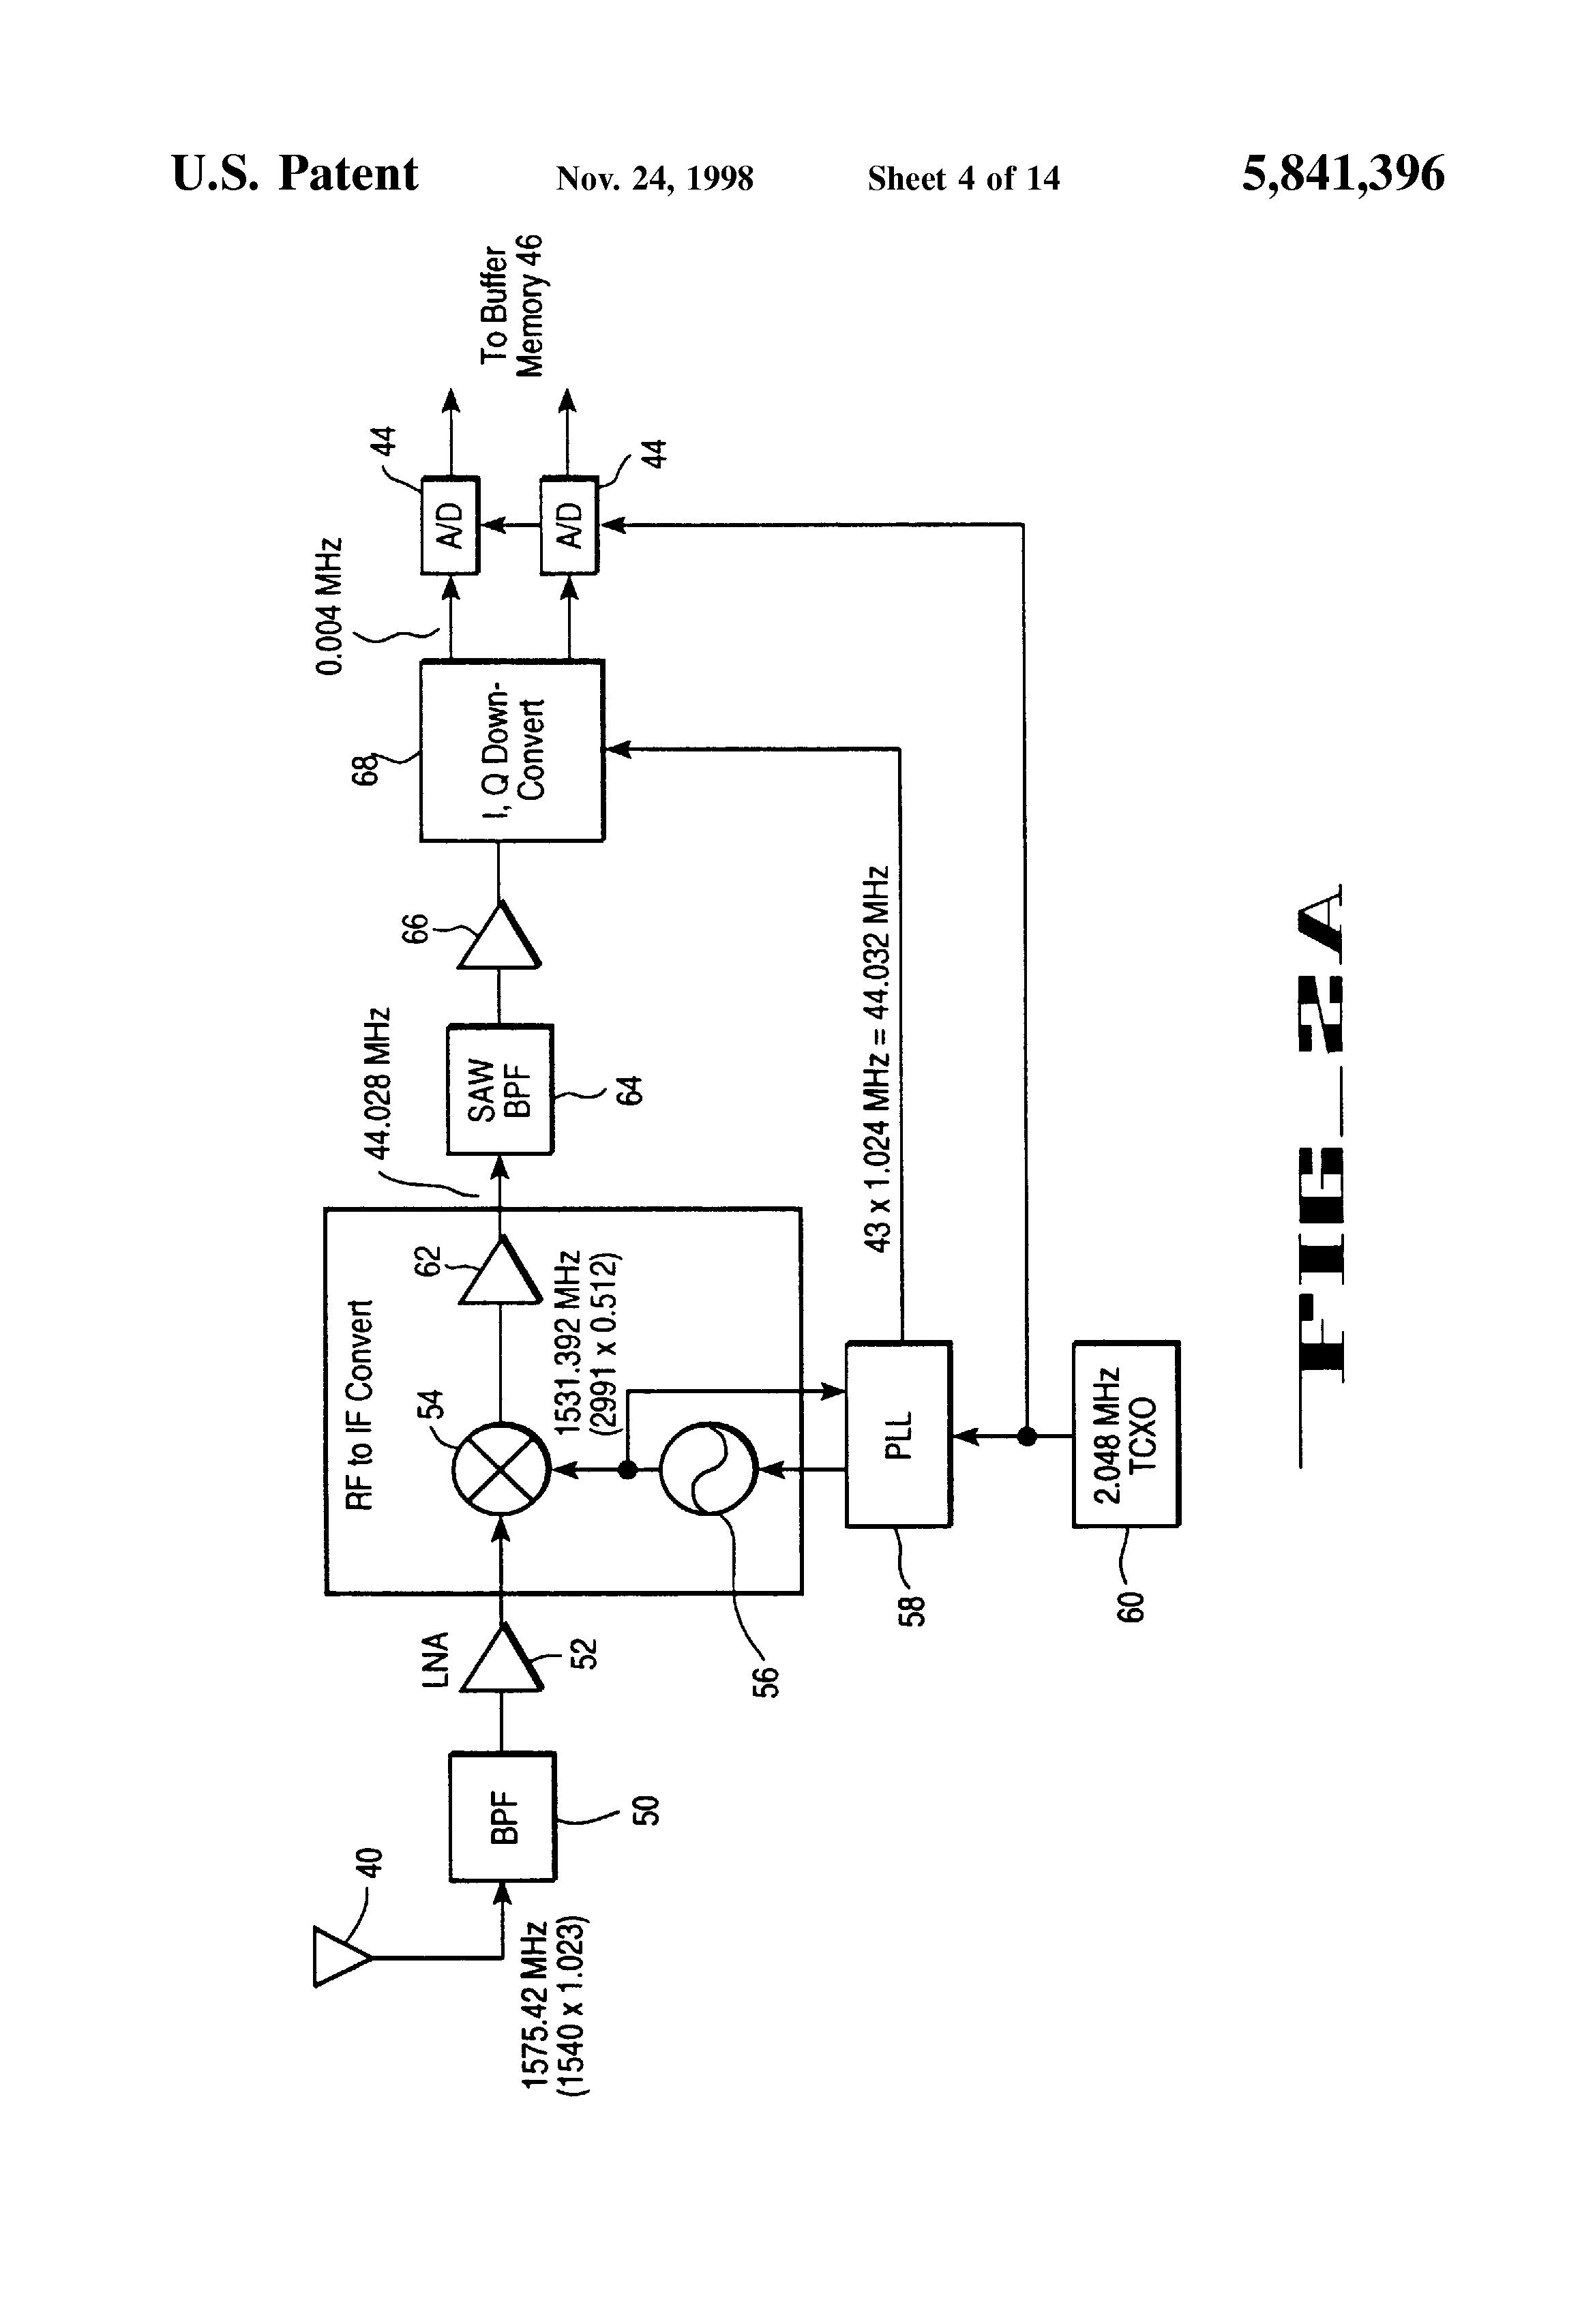 WRG-9367] Nutone Intercom Wiring Diagram Pdf on